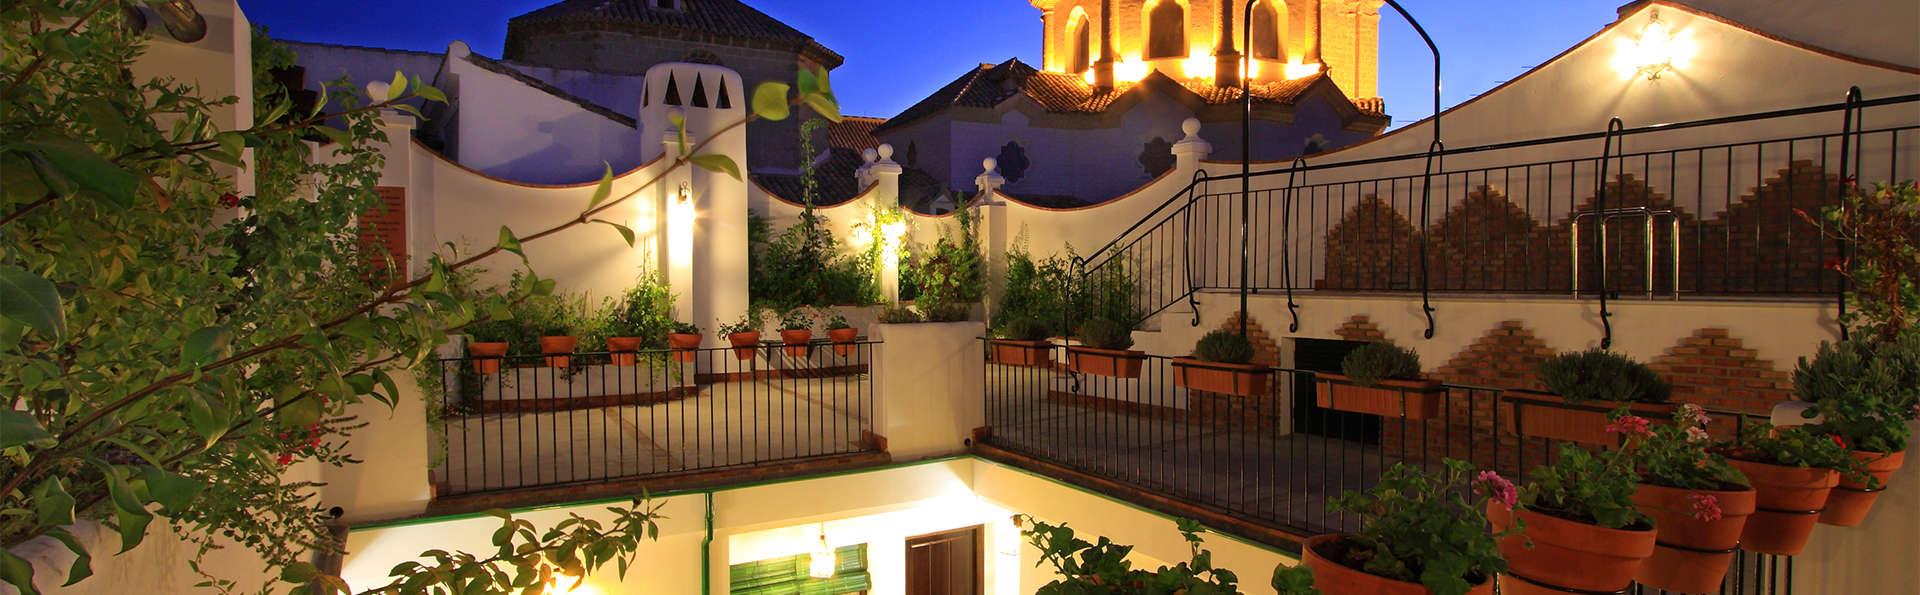 Casa Baños de la Villa - EDIT_Terrace1.jpg